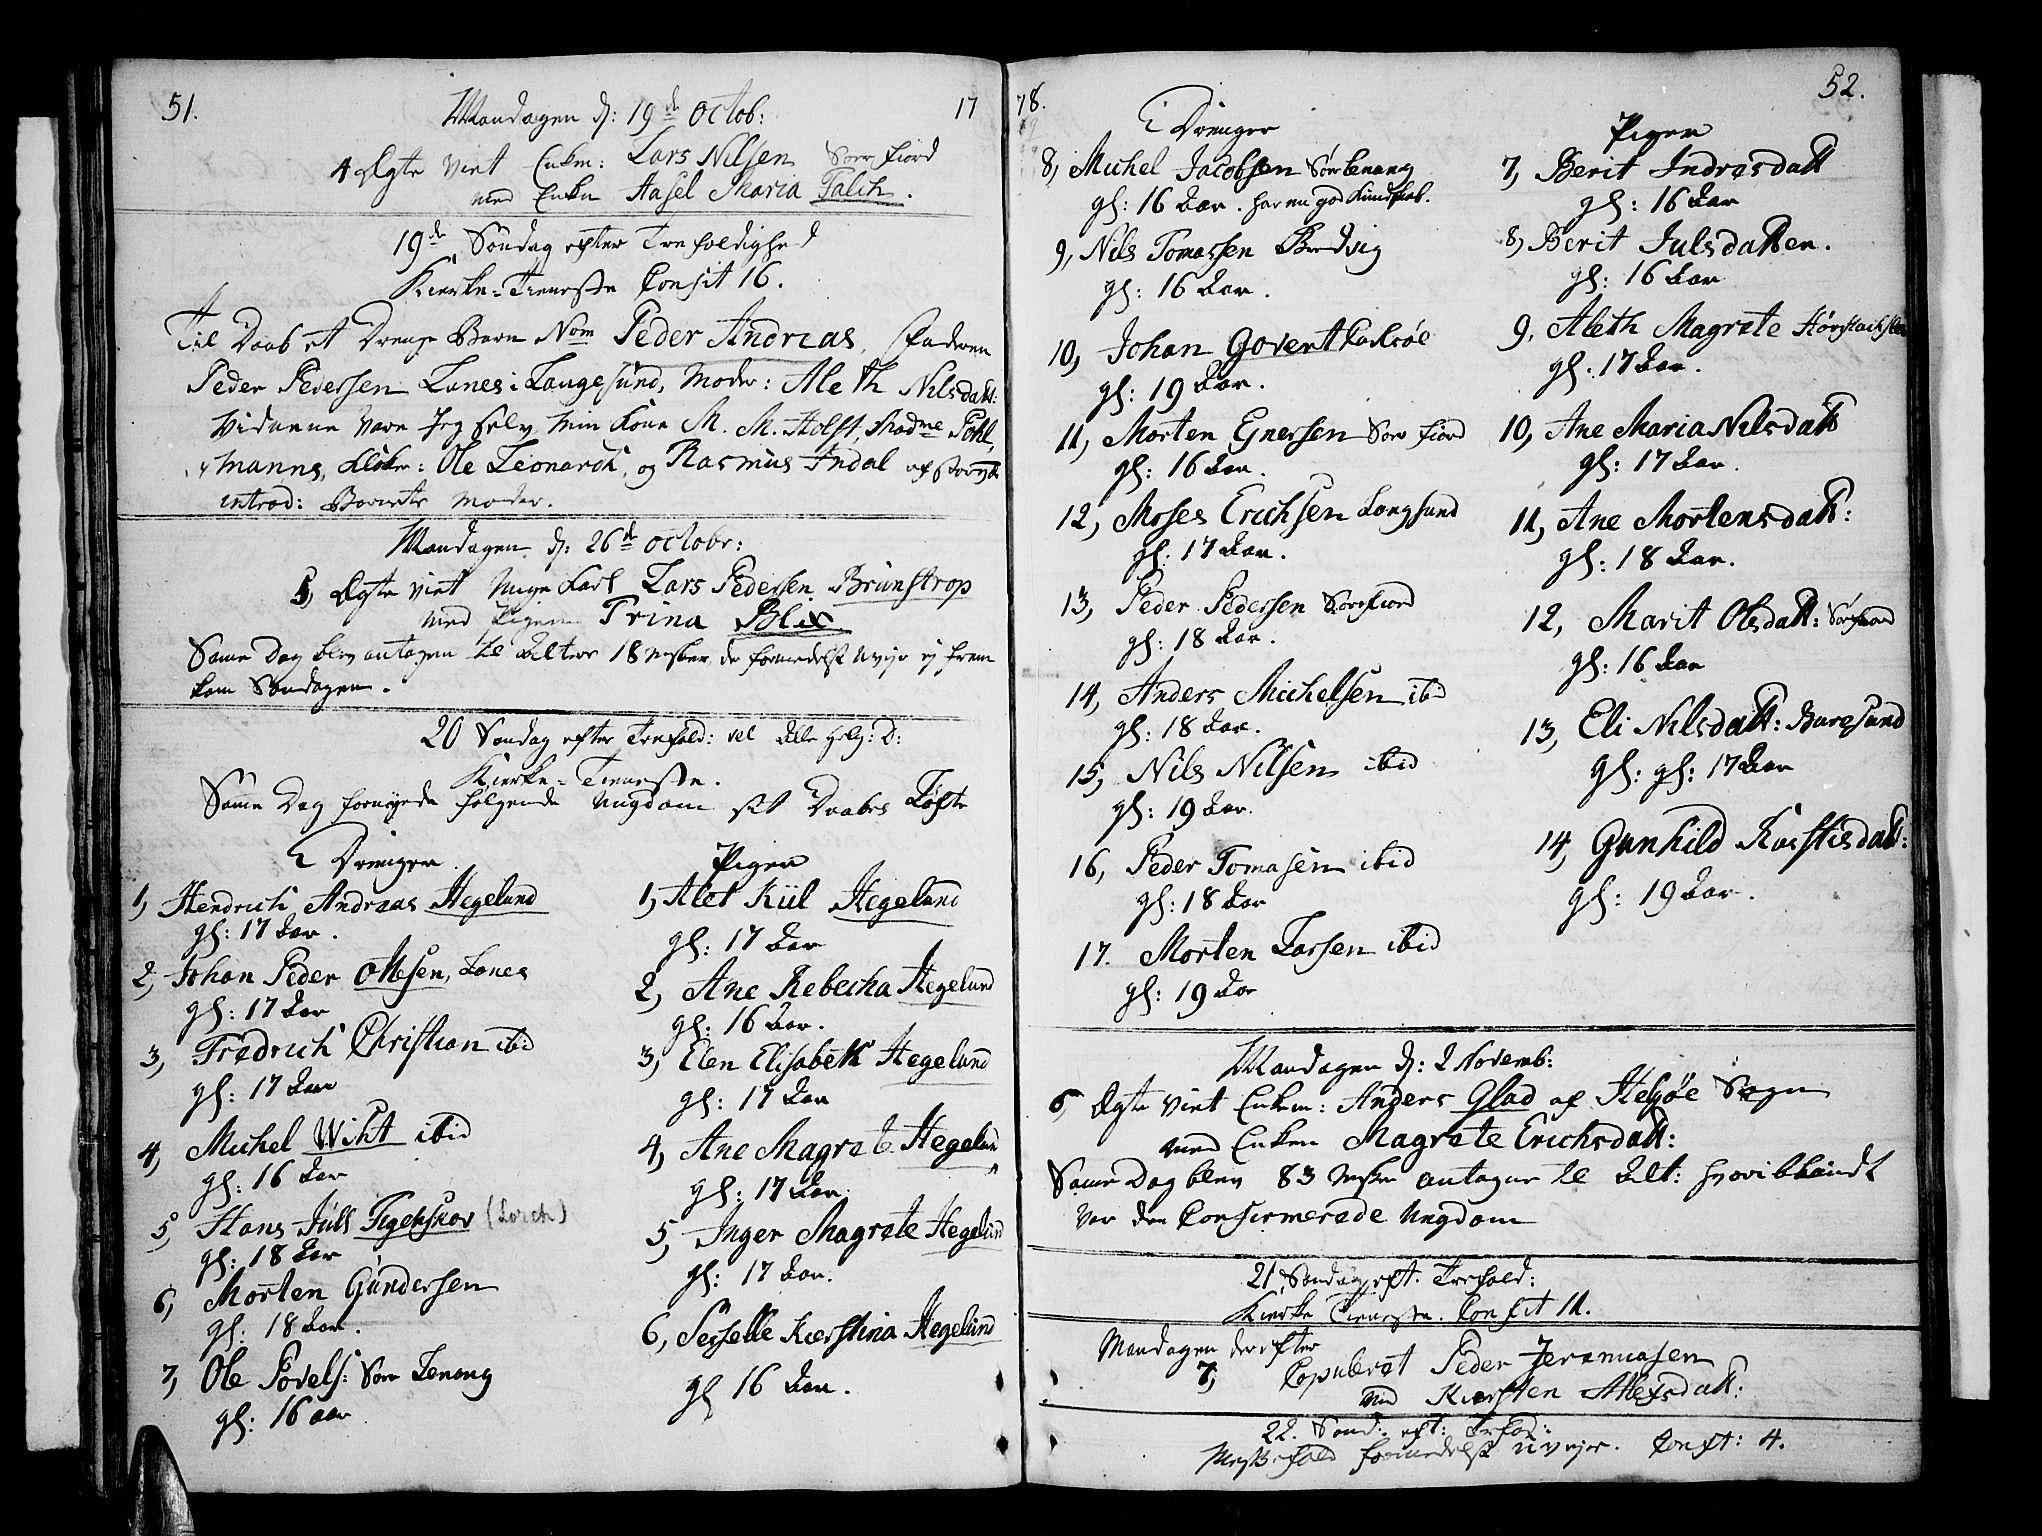 SATØ, Karlsøy sokneprestembete, Ministerialbok nr. 1, 1775-1823, s. 51-52